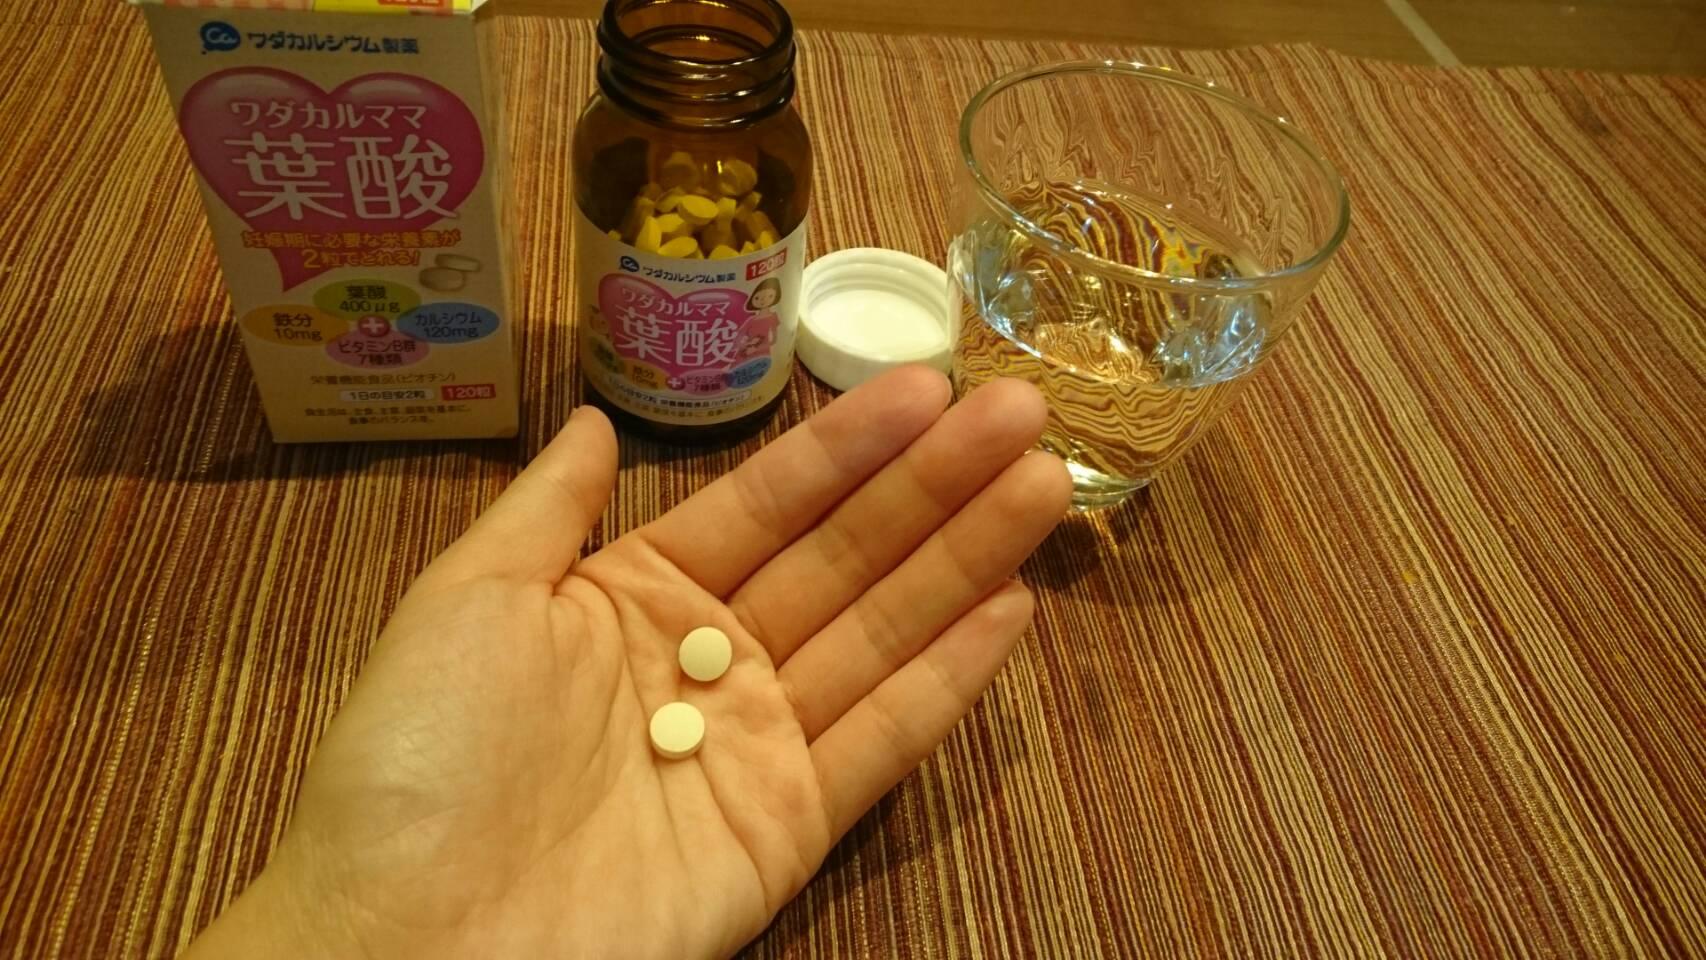 ワダカルママの葉酸サプリの飲み方